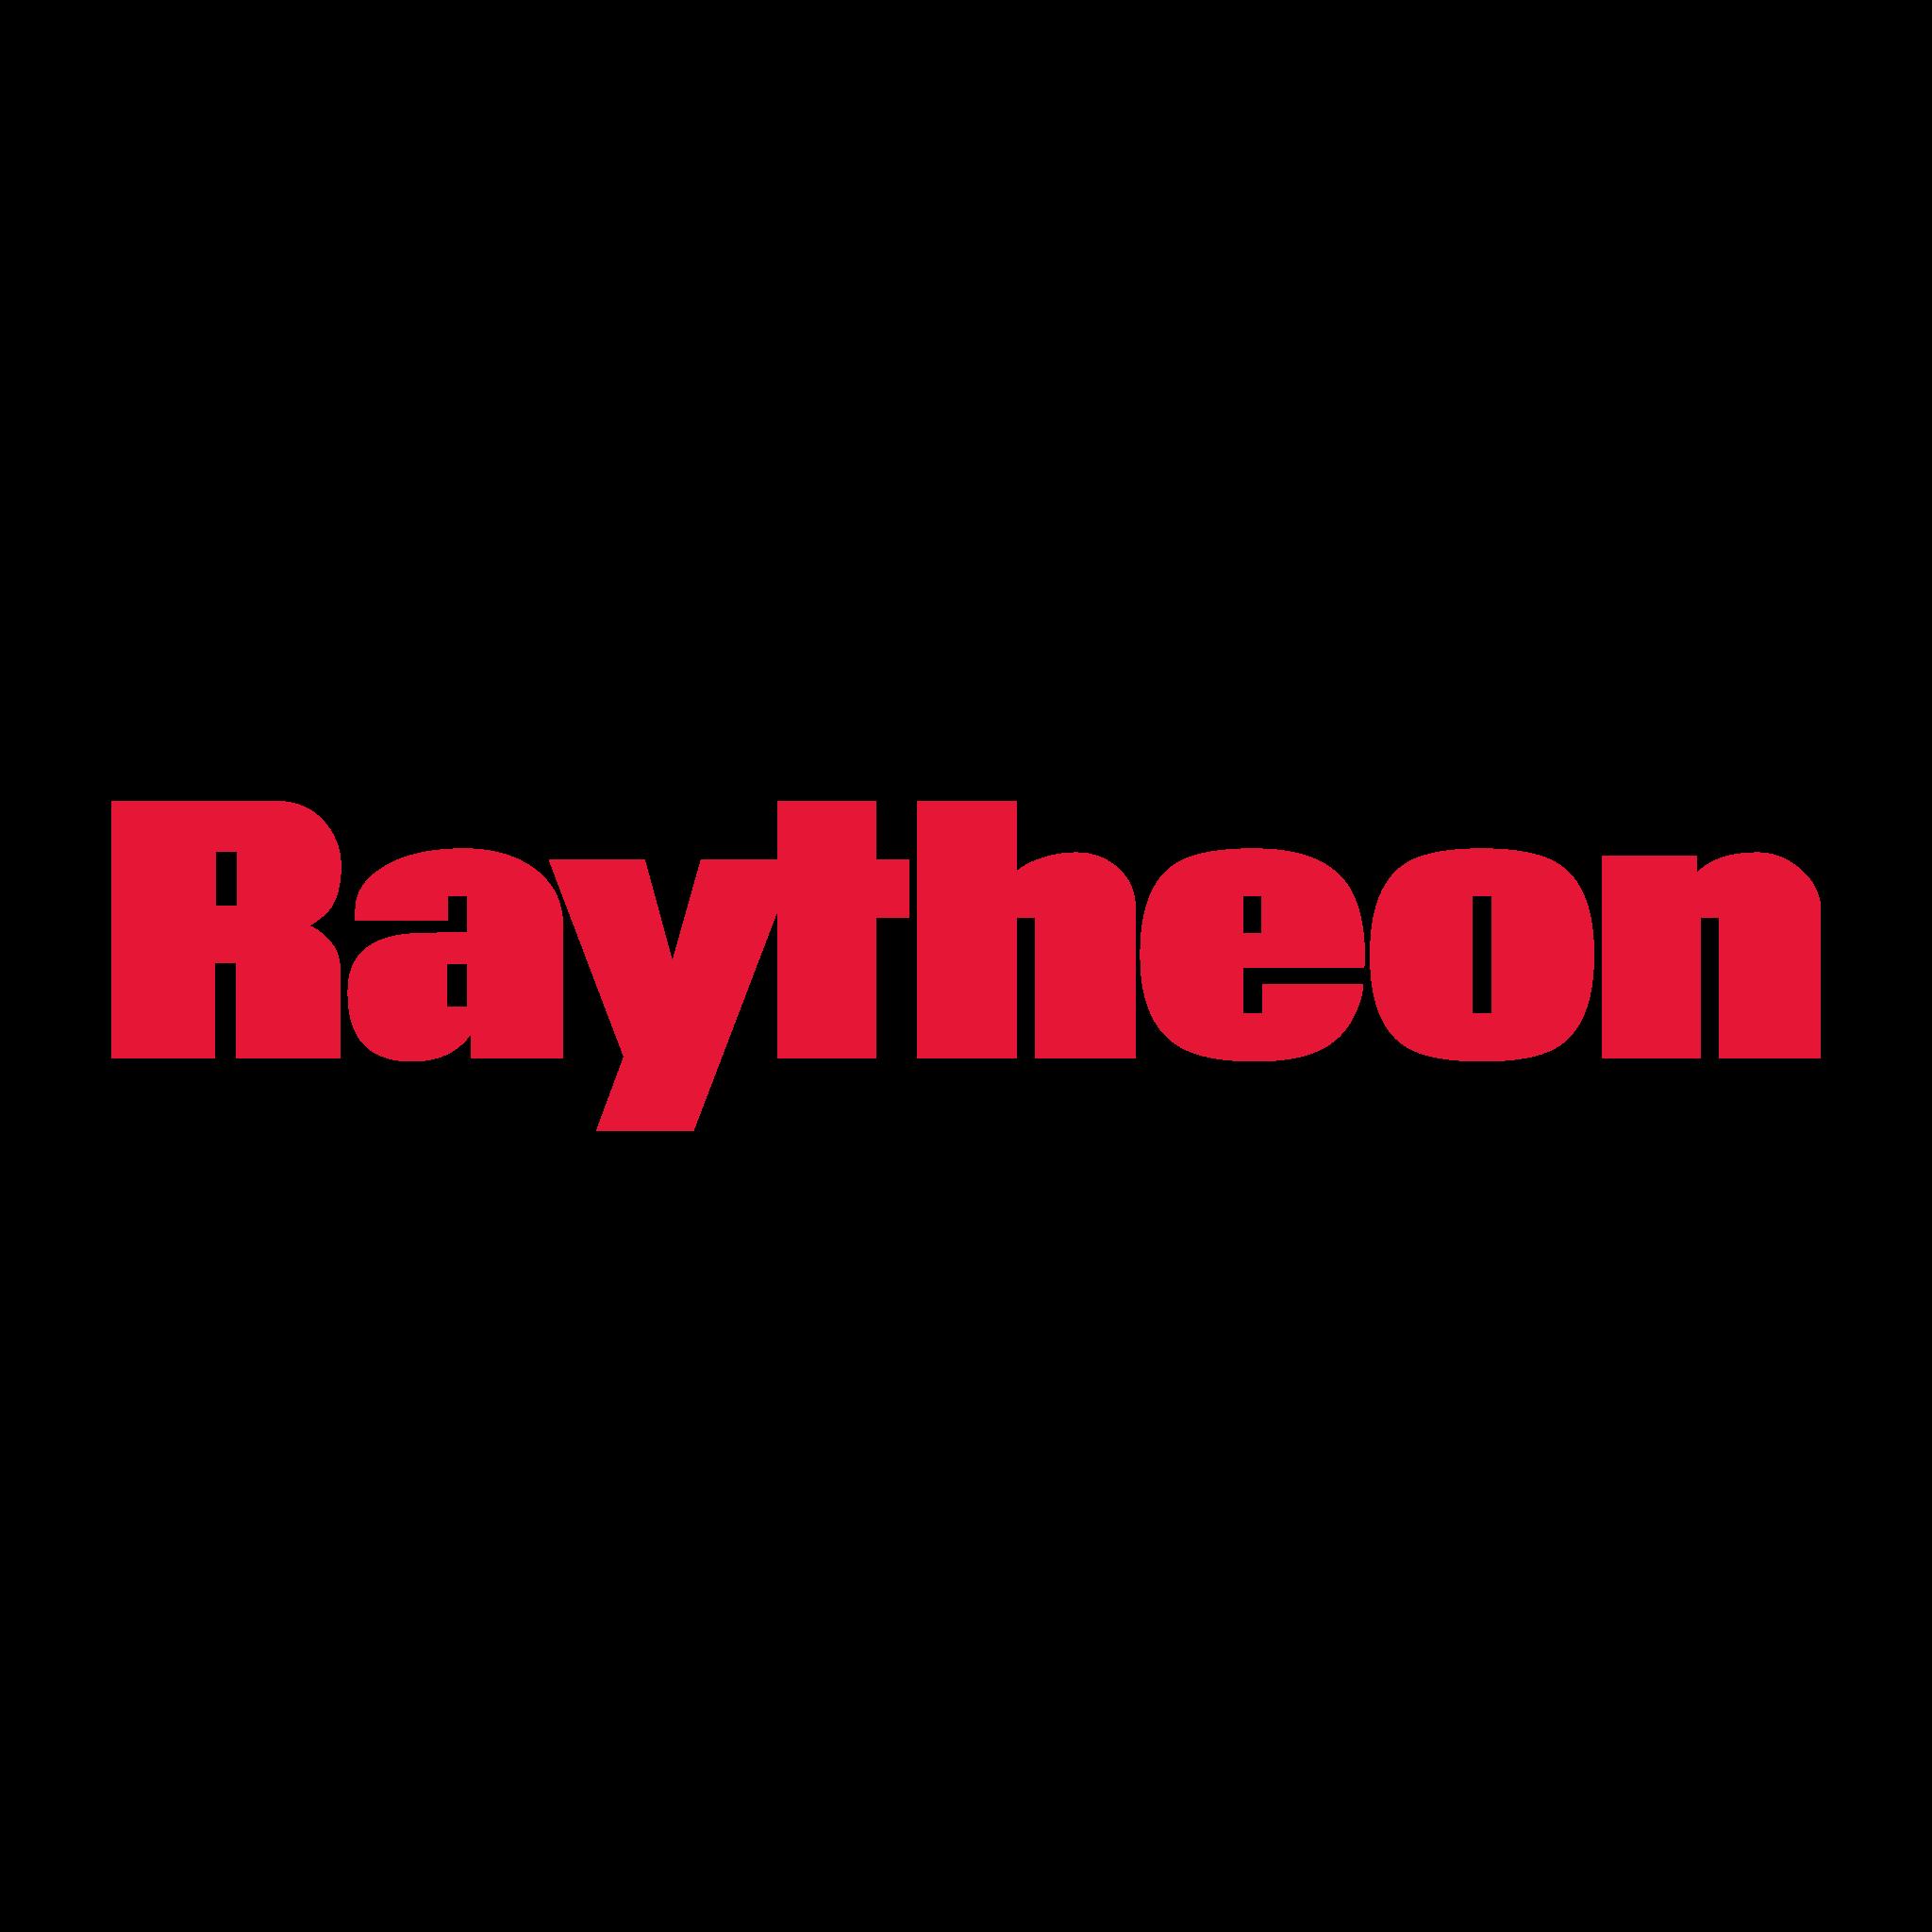 raytheon-logo-2048x2048